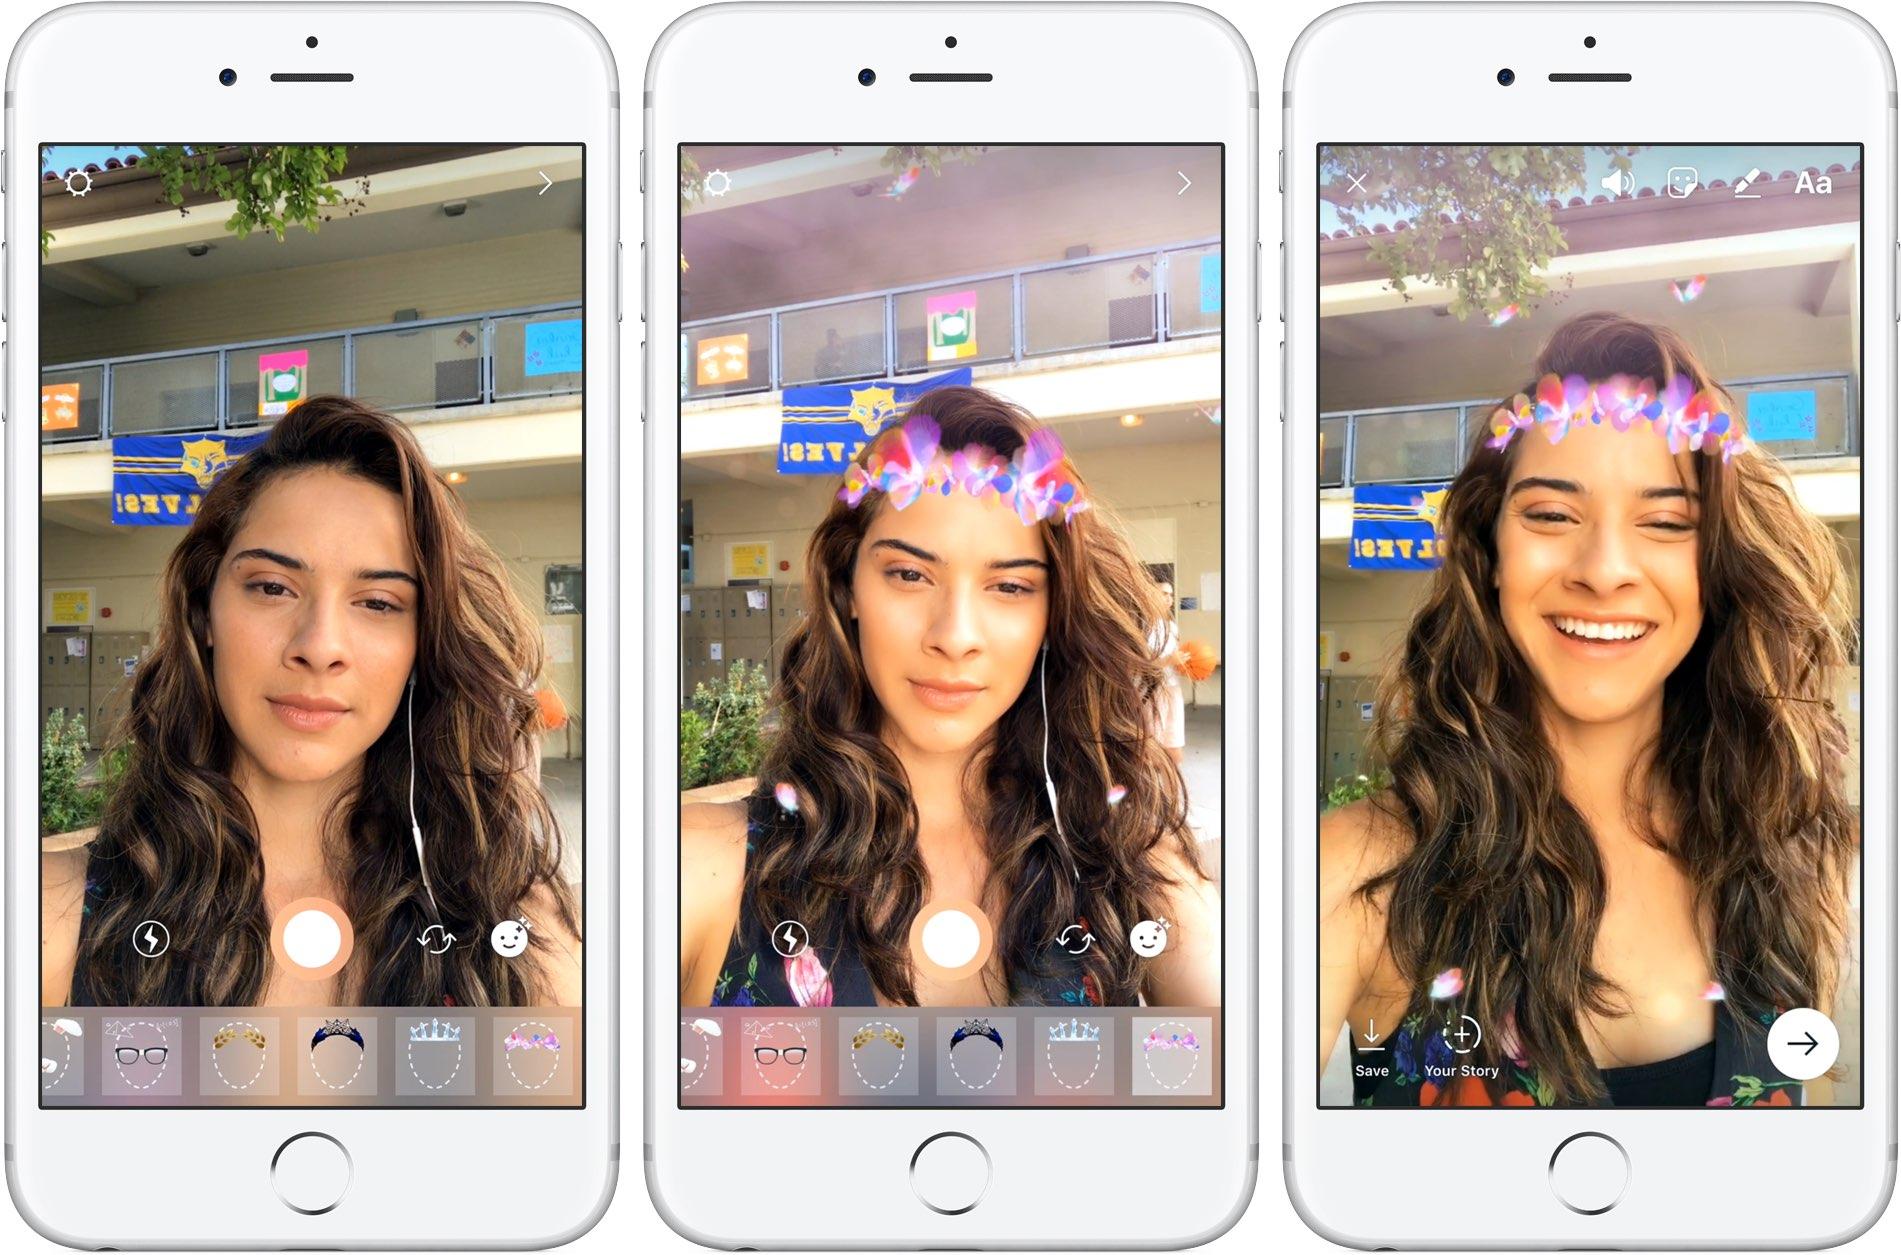 самом деле приложение делающее ролик из фото в инстаграм мраморной крошки многом